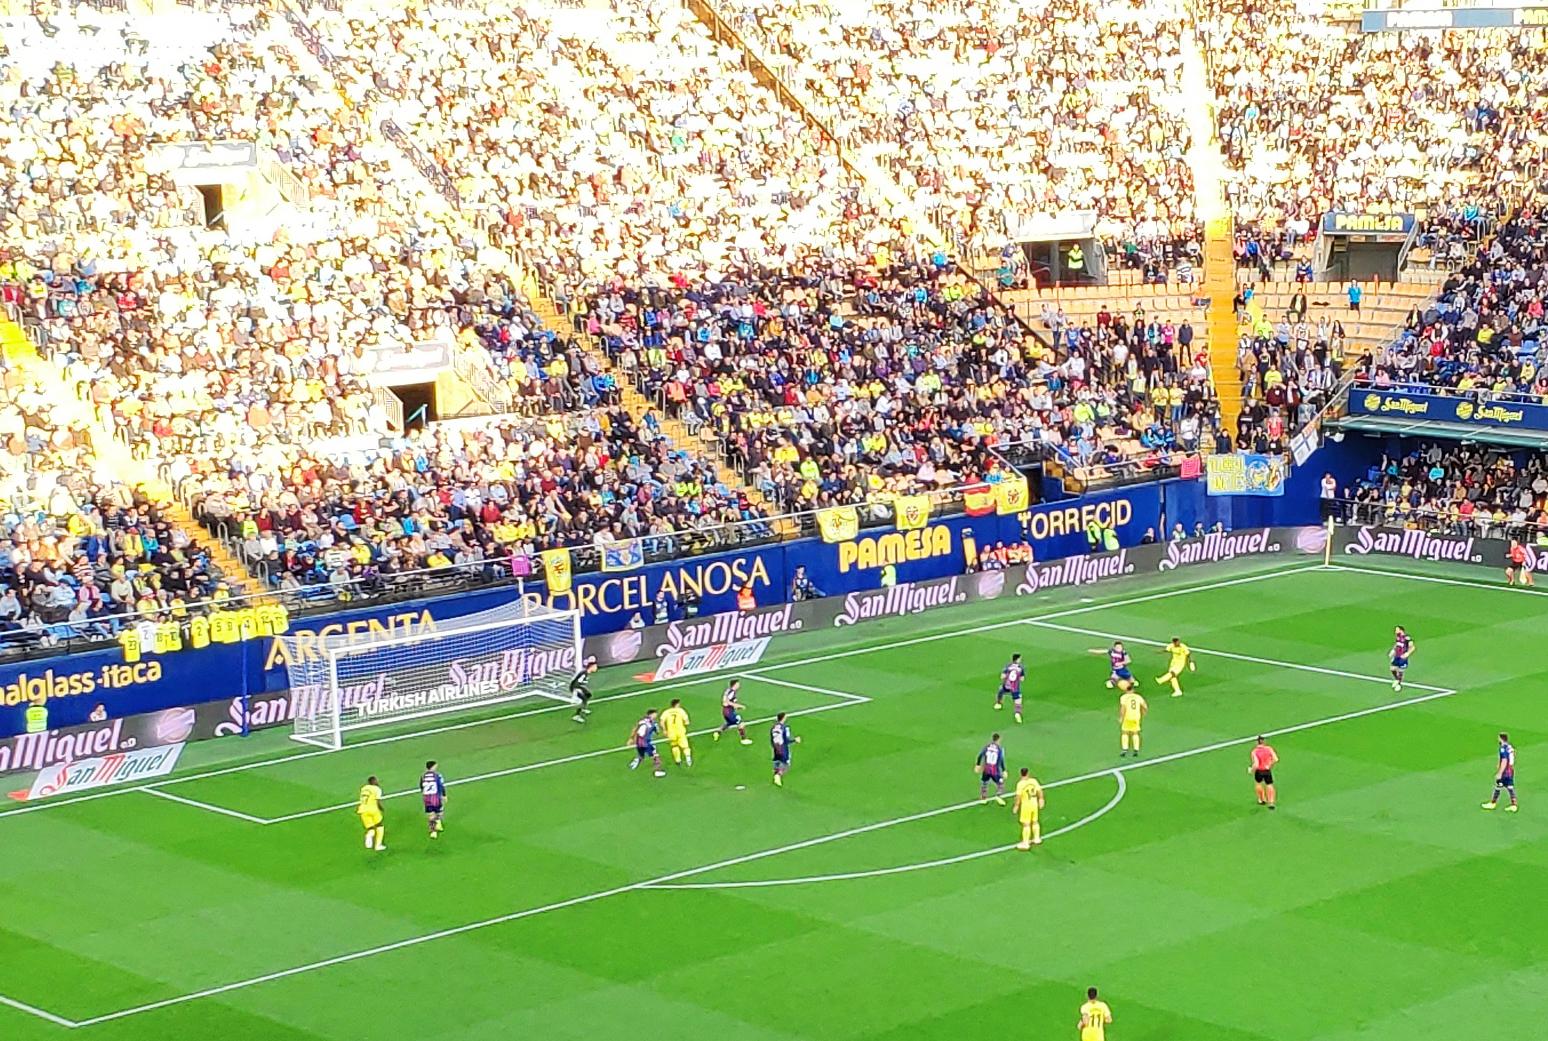 villarreal levante 1 - El Levante-Villarreal se juega en domingo (de momento)